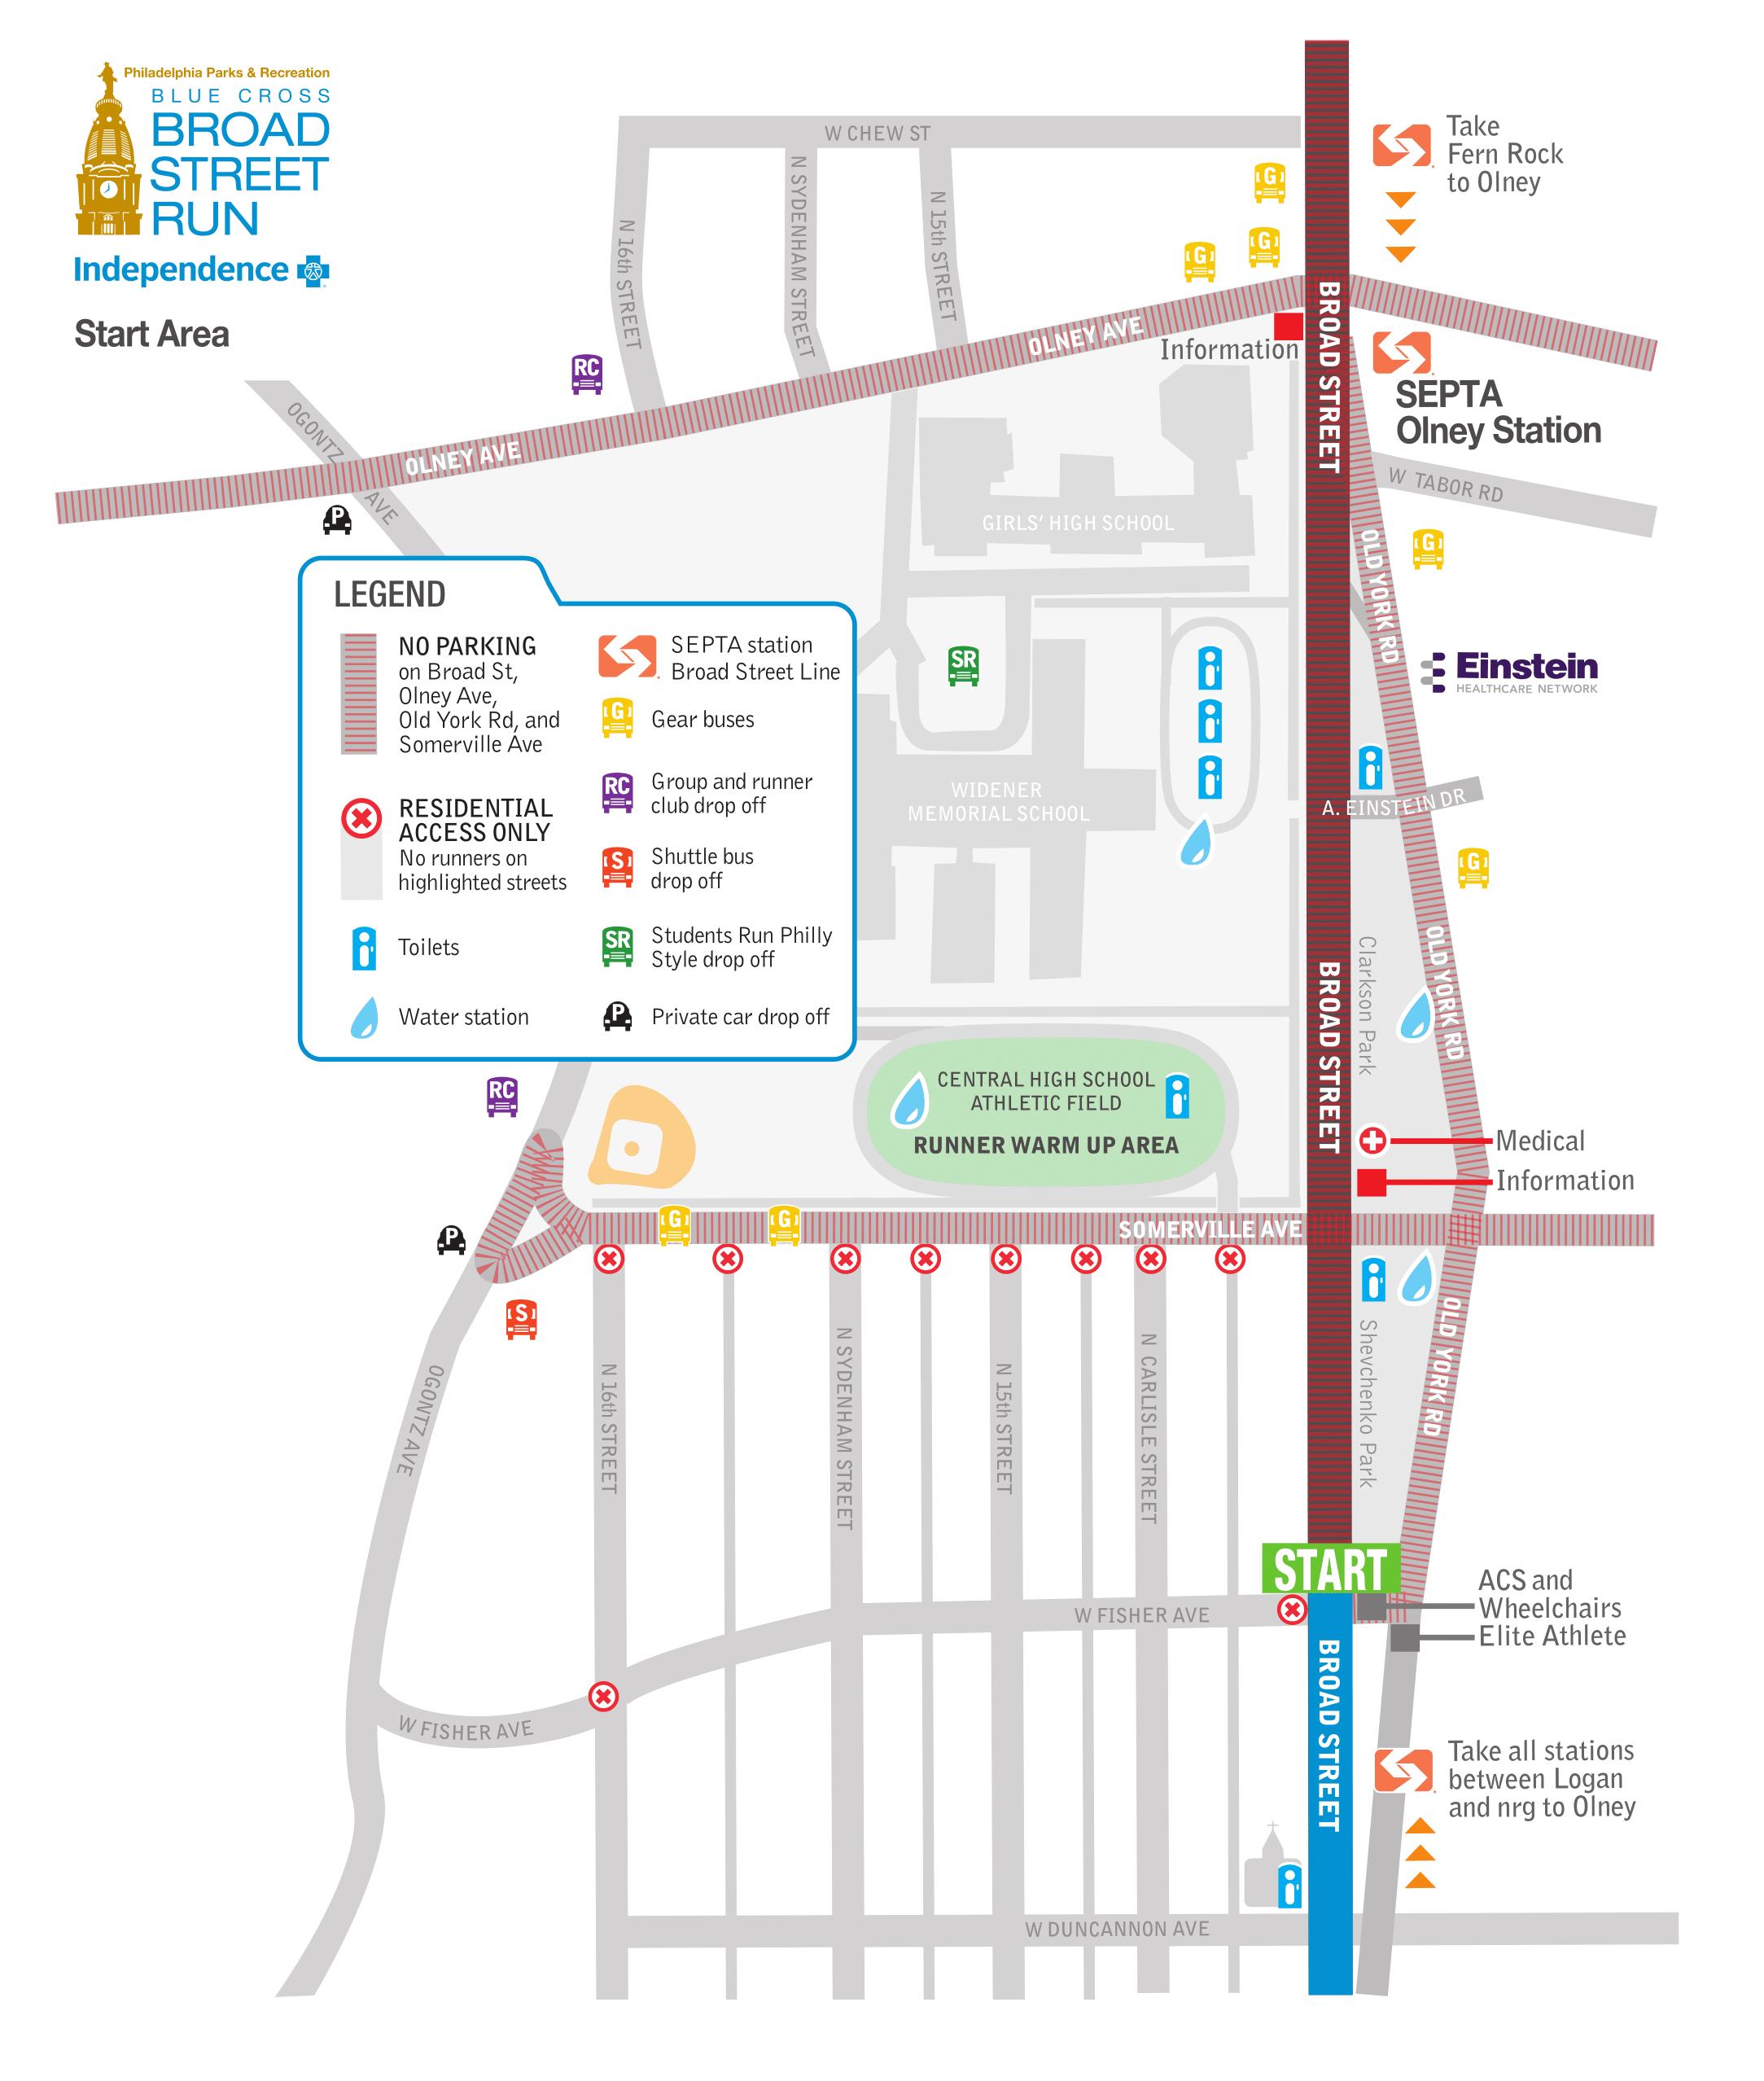 Start Area Map via Broad Street Run